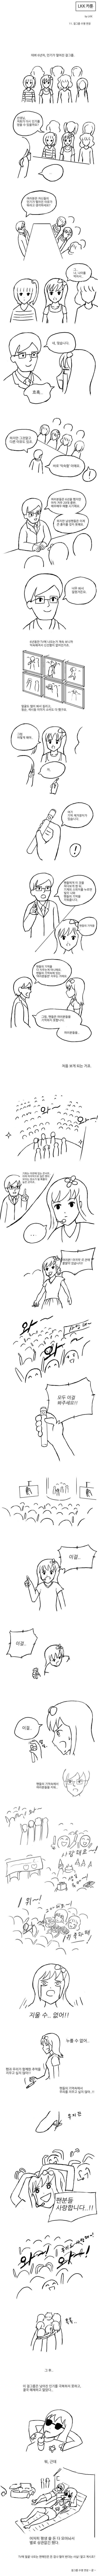 인기가 떨어진 걸그룹 아이돌의 현실 | 인스티즈